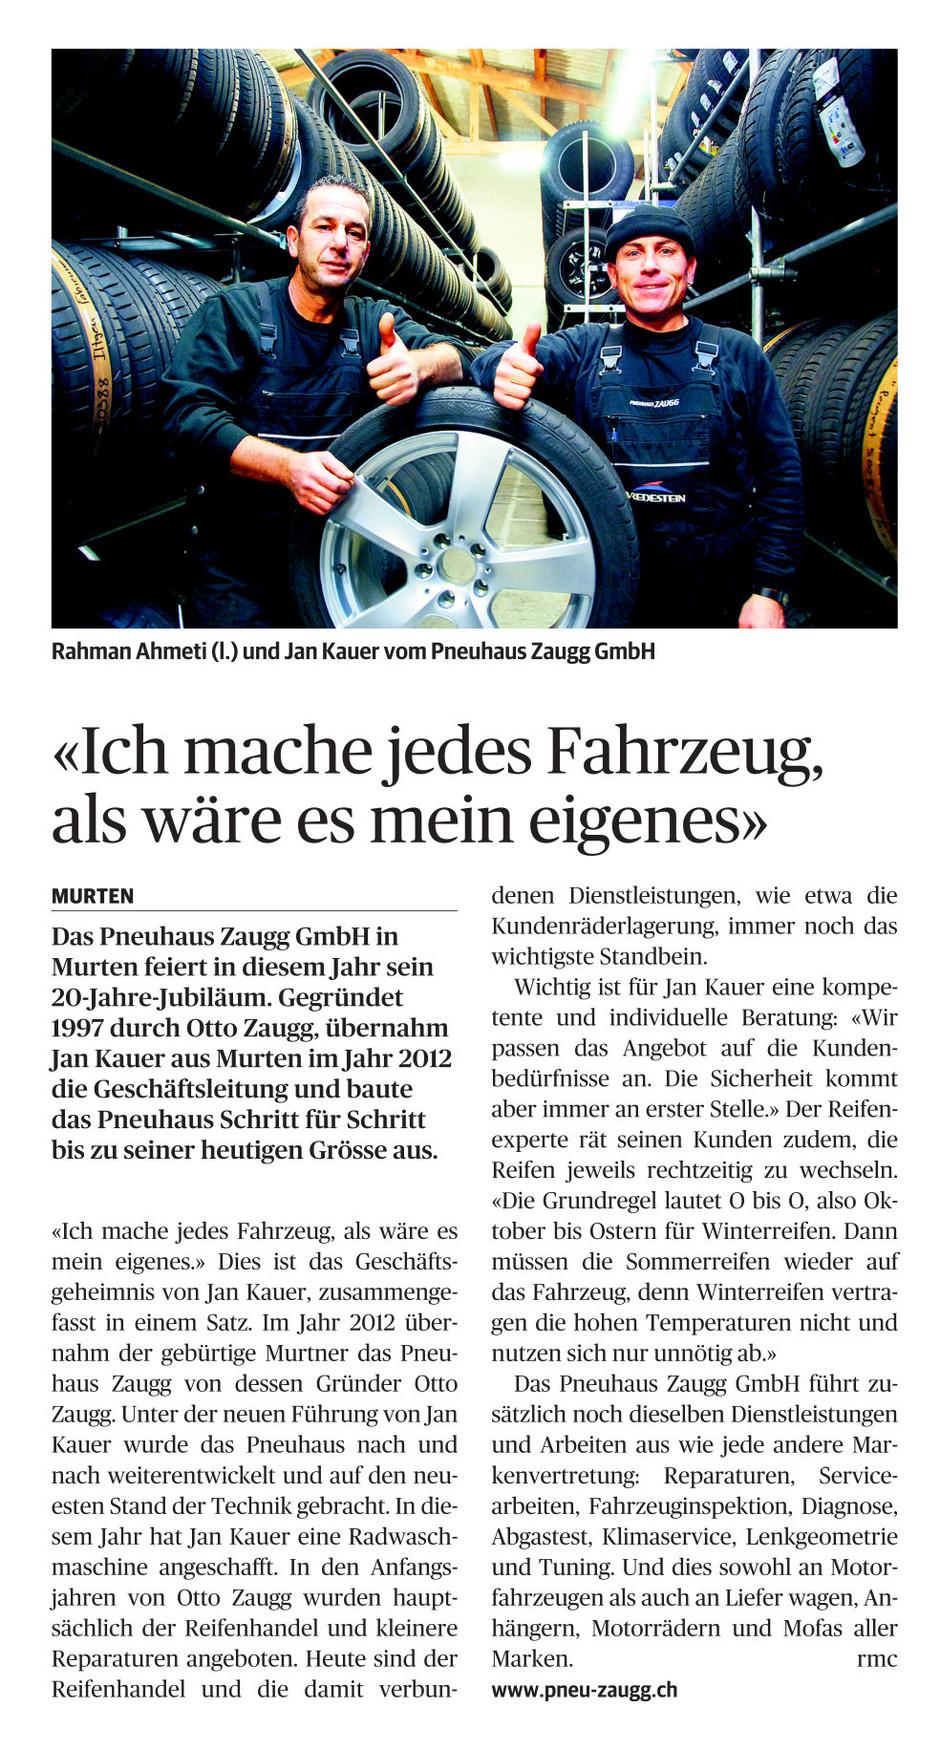 Das Pneuhaus Zaugg GmbH in Murten feiert in diesem Jahr sein 20-Jahre-Jubiläum.